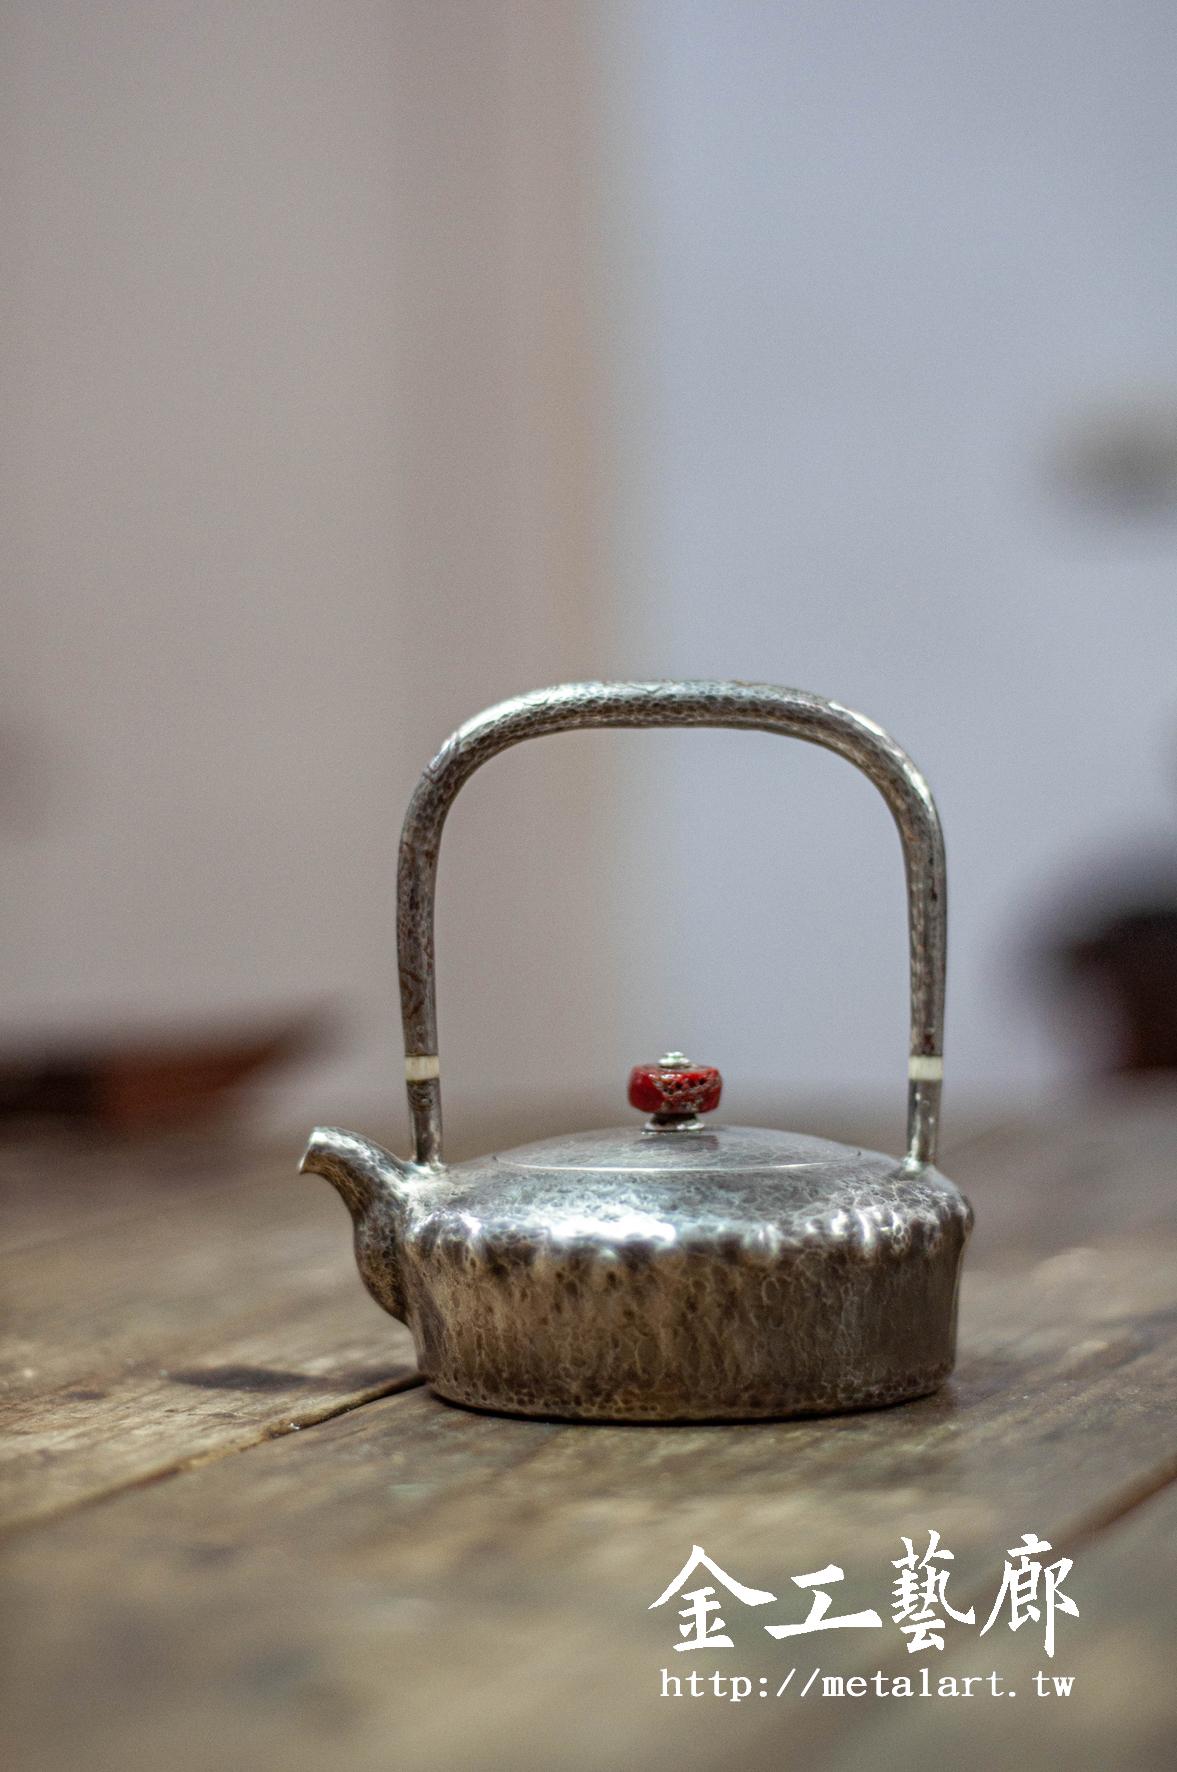 林國信-最新銀壺創作發表